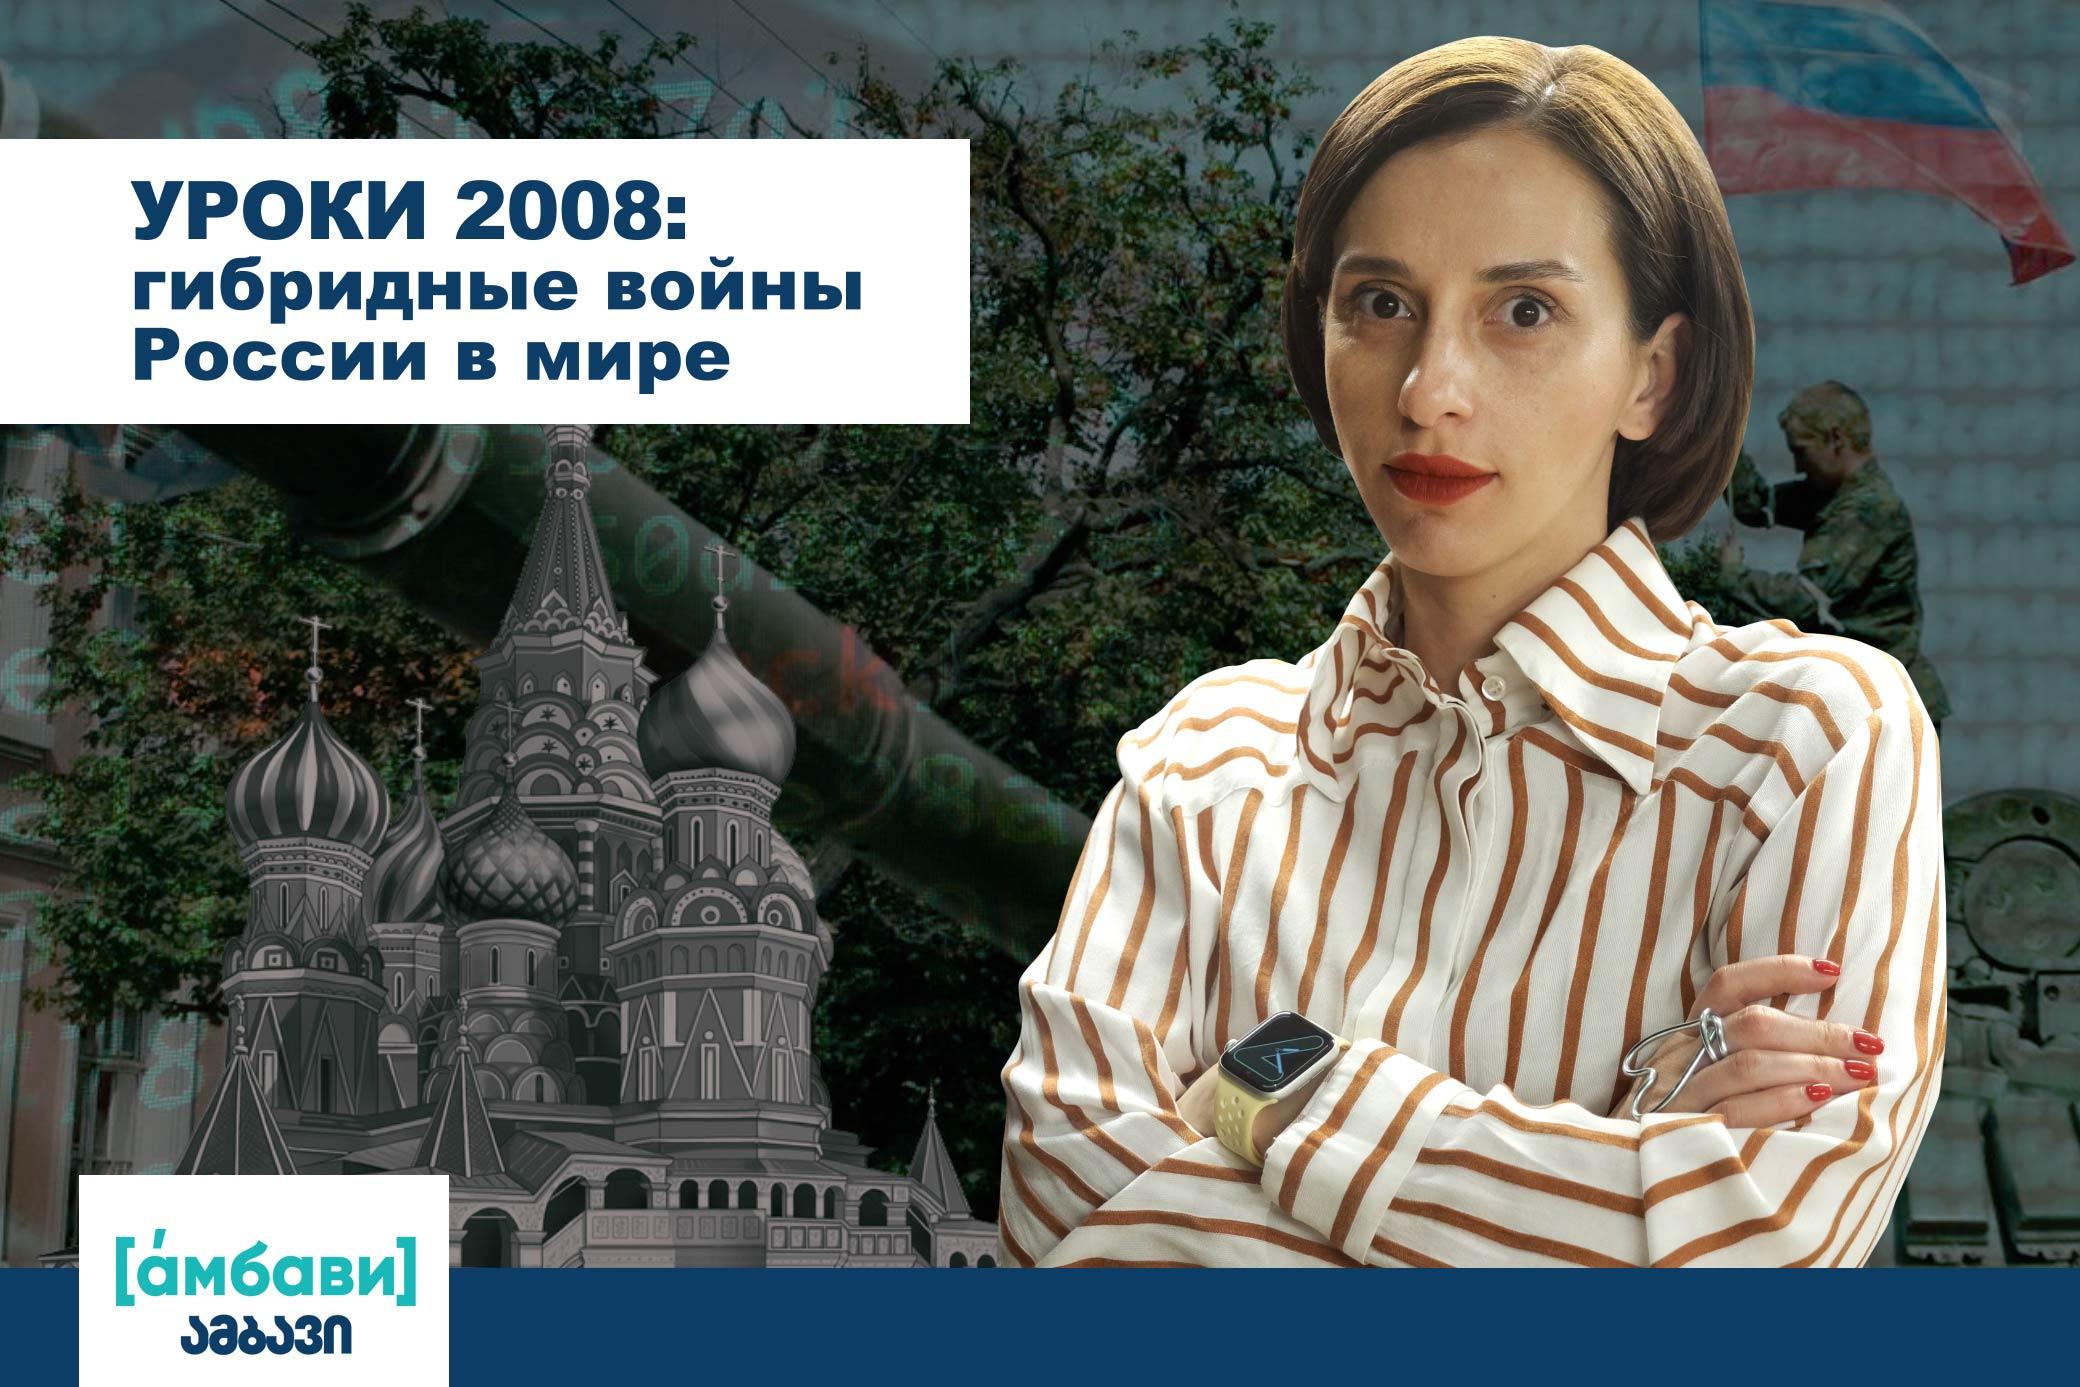 [áмбави]Уроки 2008: гибридные войны России в мире